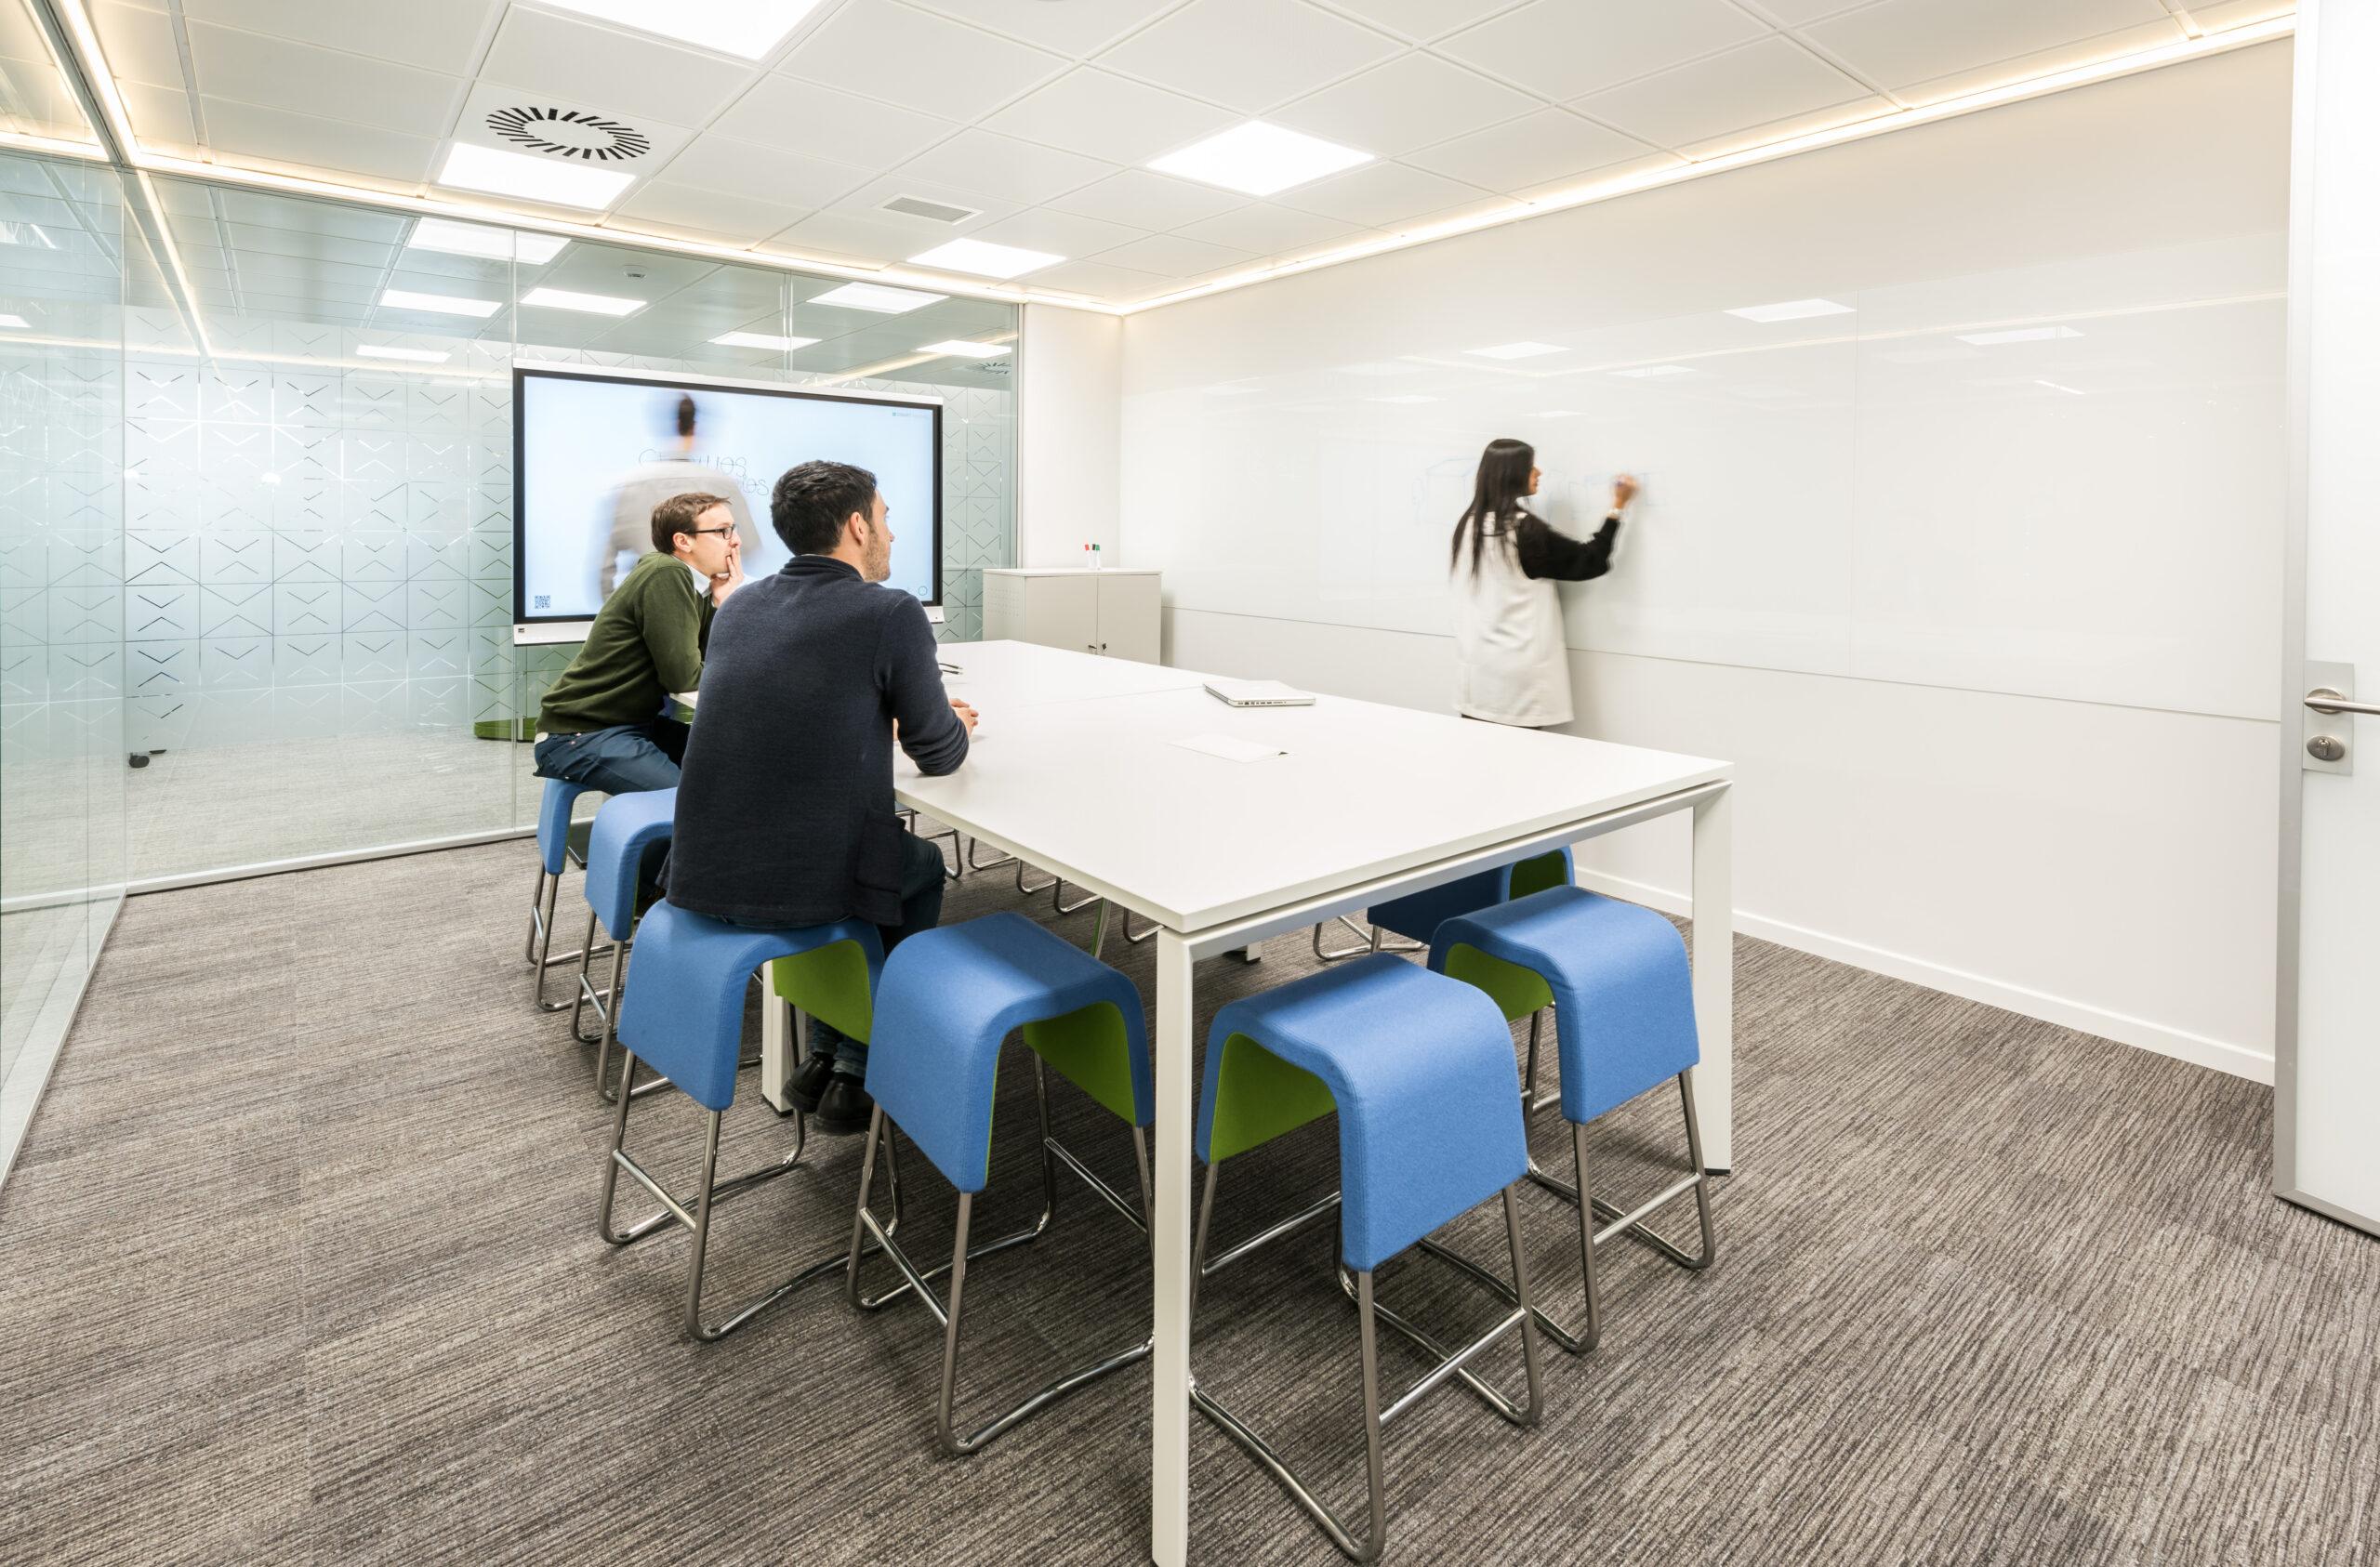 3goffice-oficinas-workplace-personas-espacios-tecnologia